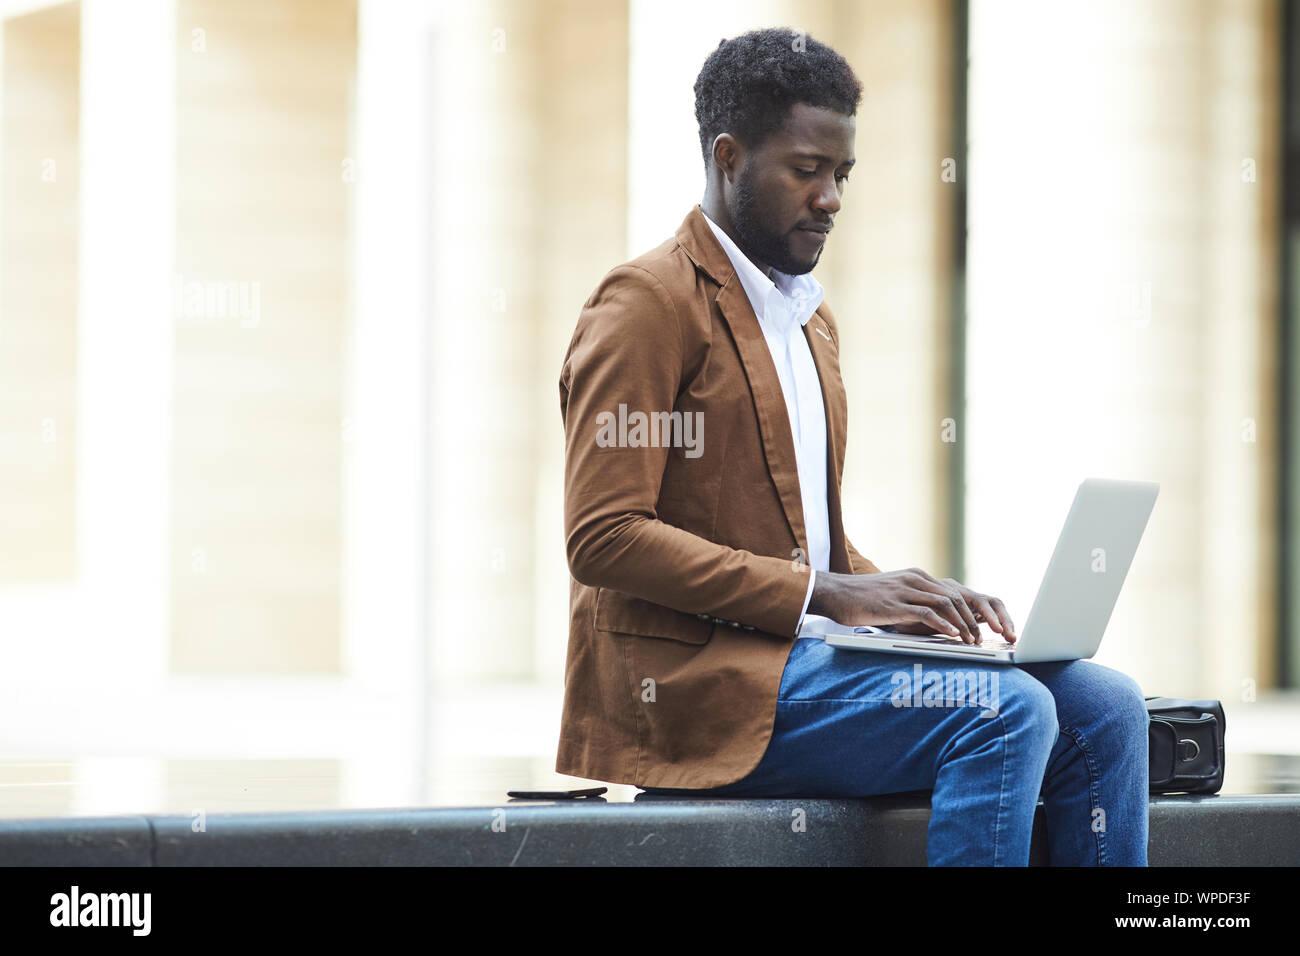 Side view portrait of young man afro-américaines à l'extérieur tout en travaillant sur un projet d'affaires en milieu urbain, copy space Banque D'Images